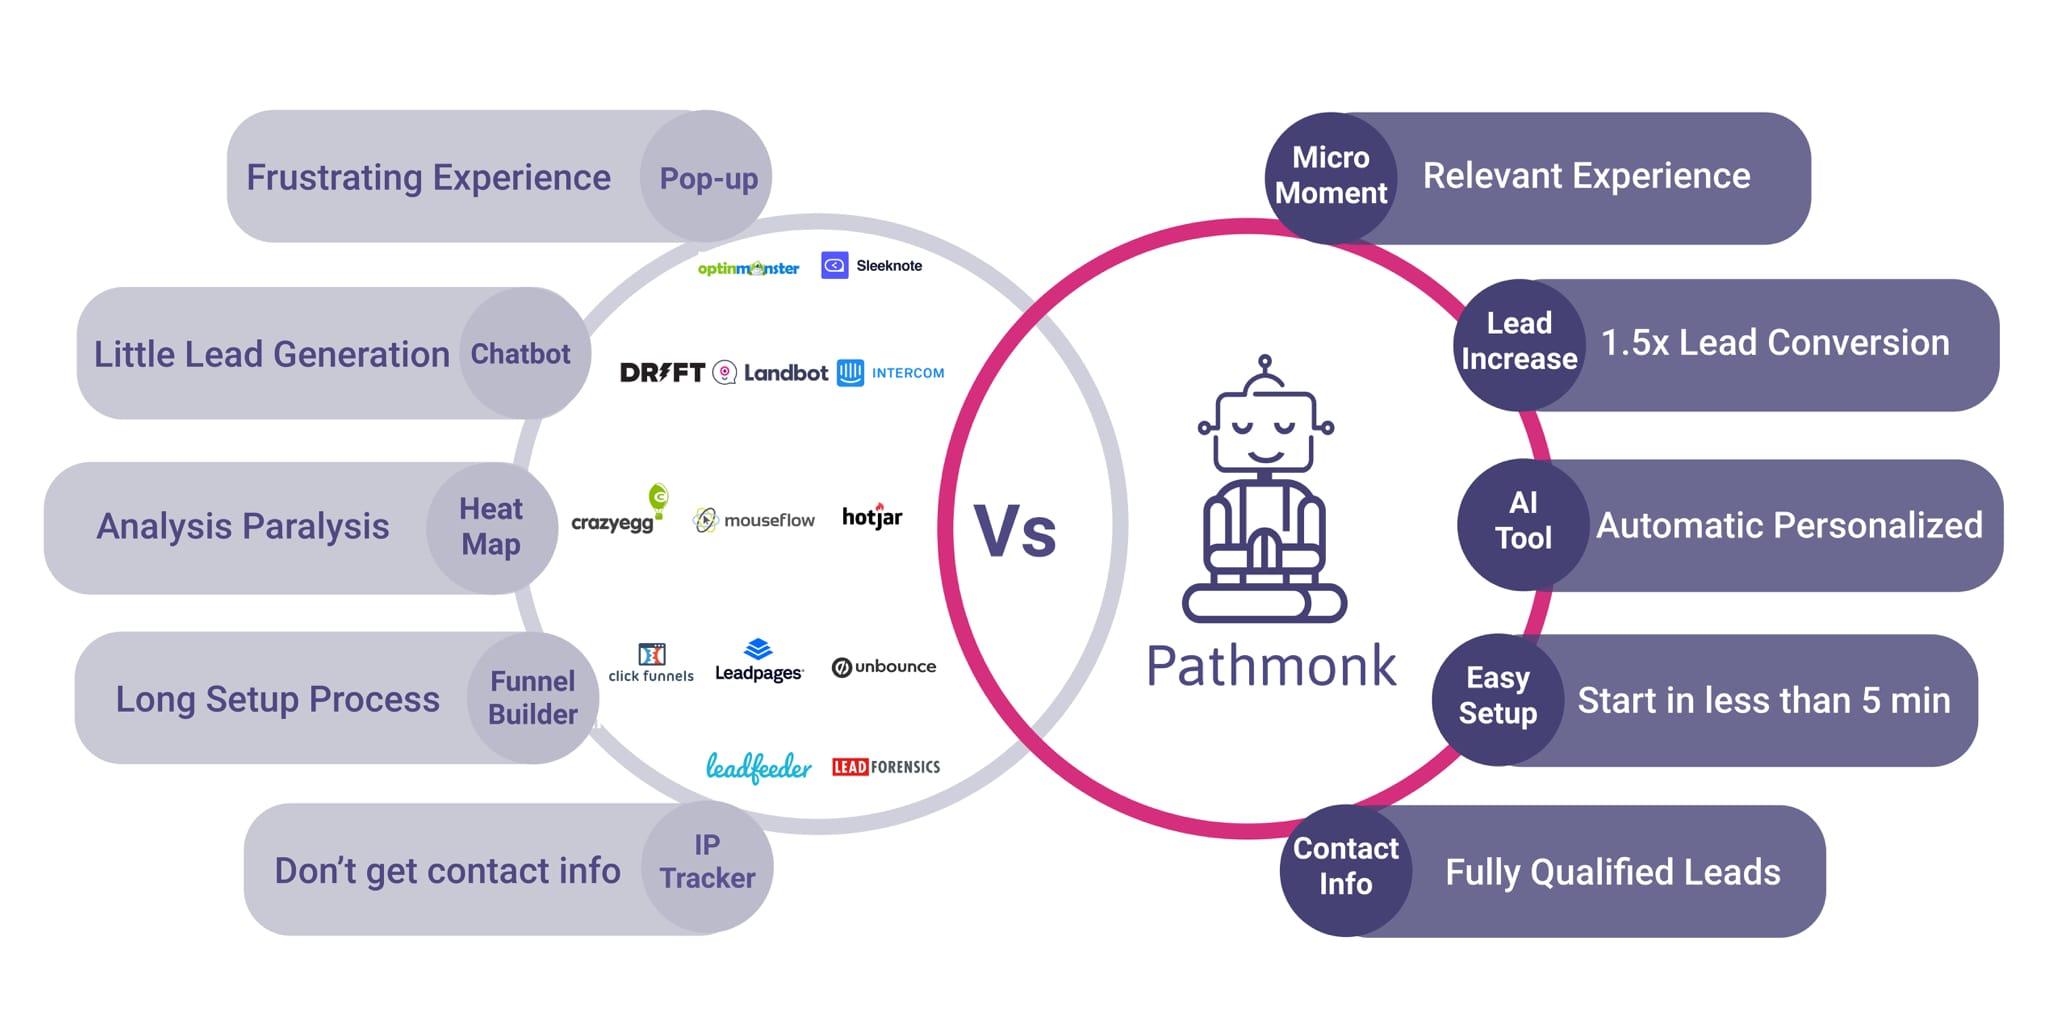 pathmonk-comparison-vs-chatbot-popup-heatmap-funnelbuilder